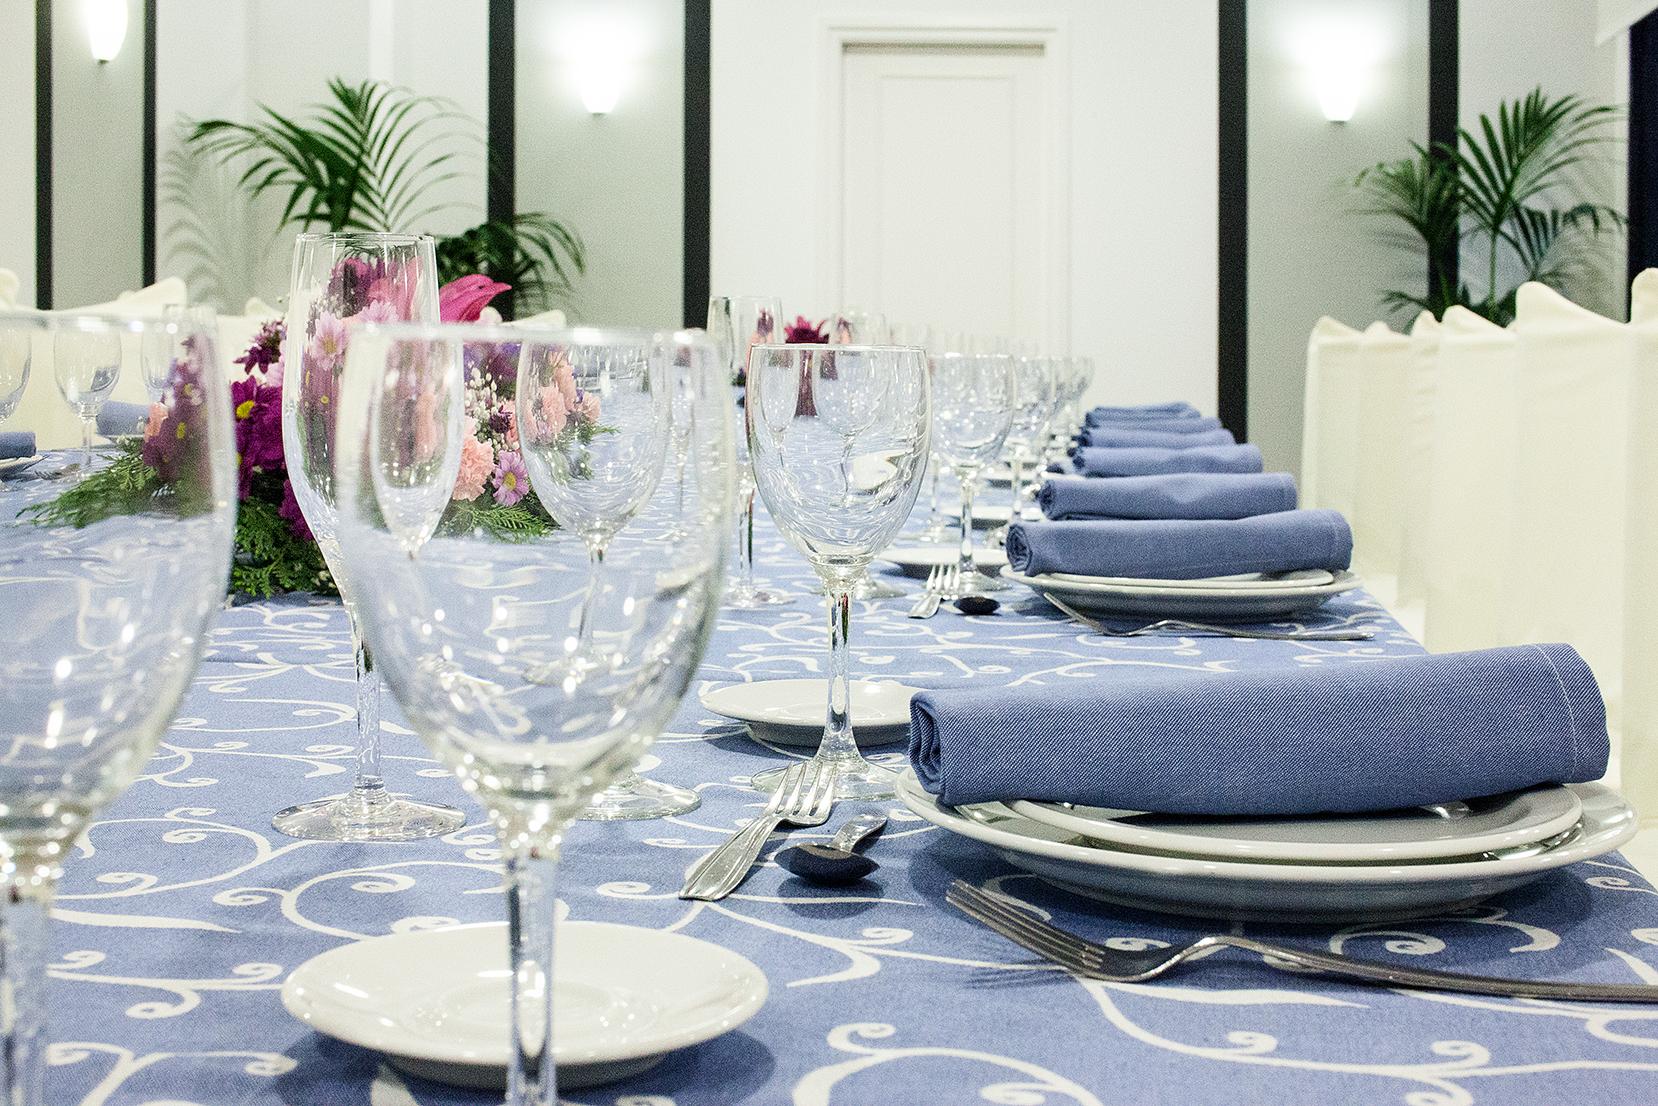 Esdeveniments - Hotel Acapulco Lloret de Mar